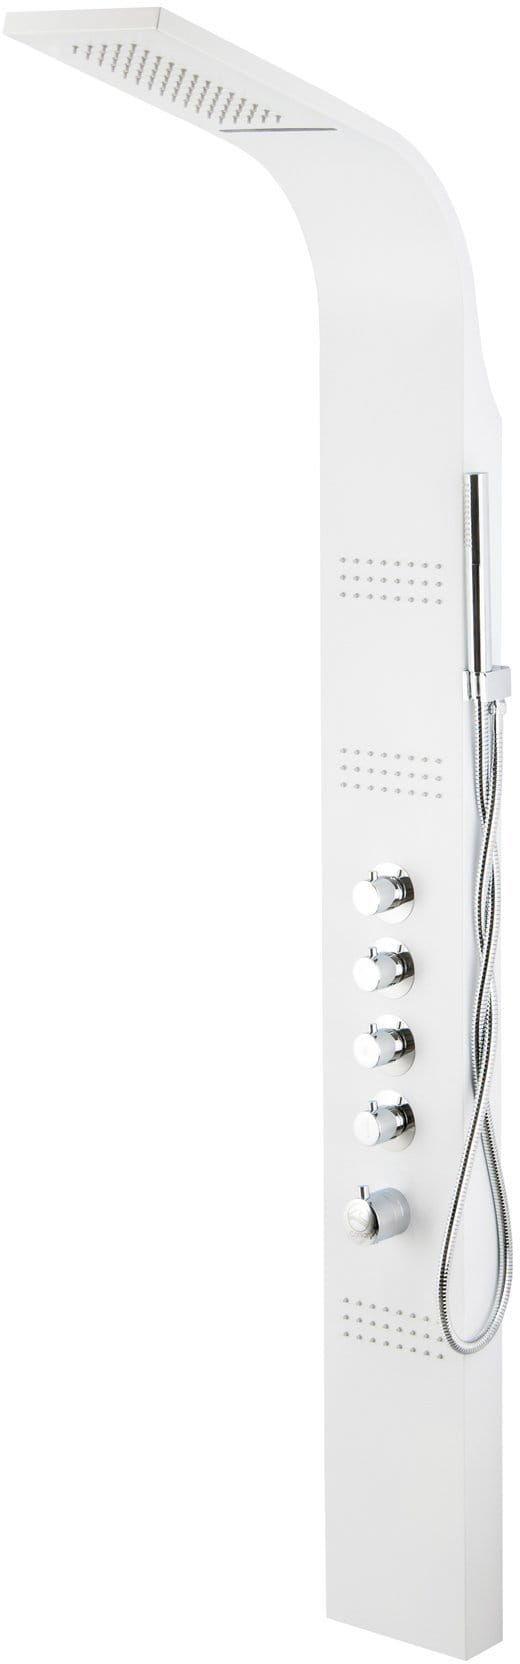 Corsan Kaskada panel prysznicowy z termostatem biały A-014AT KASKADA BIEL